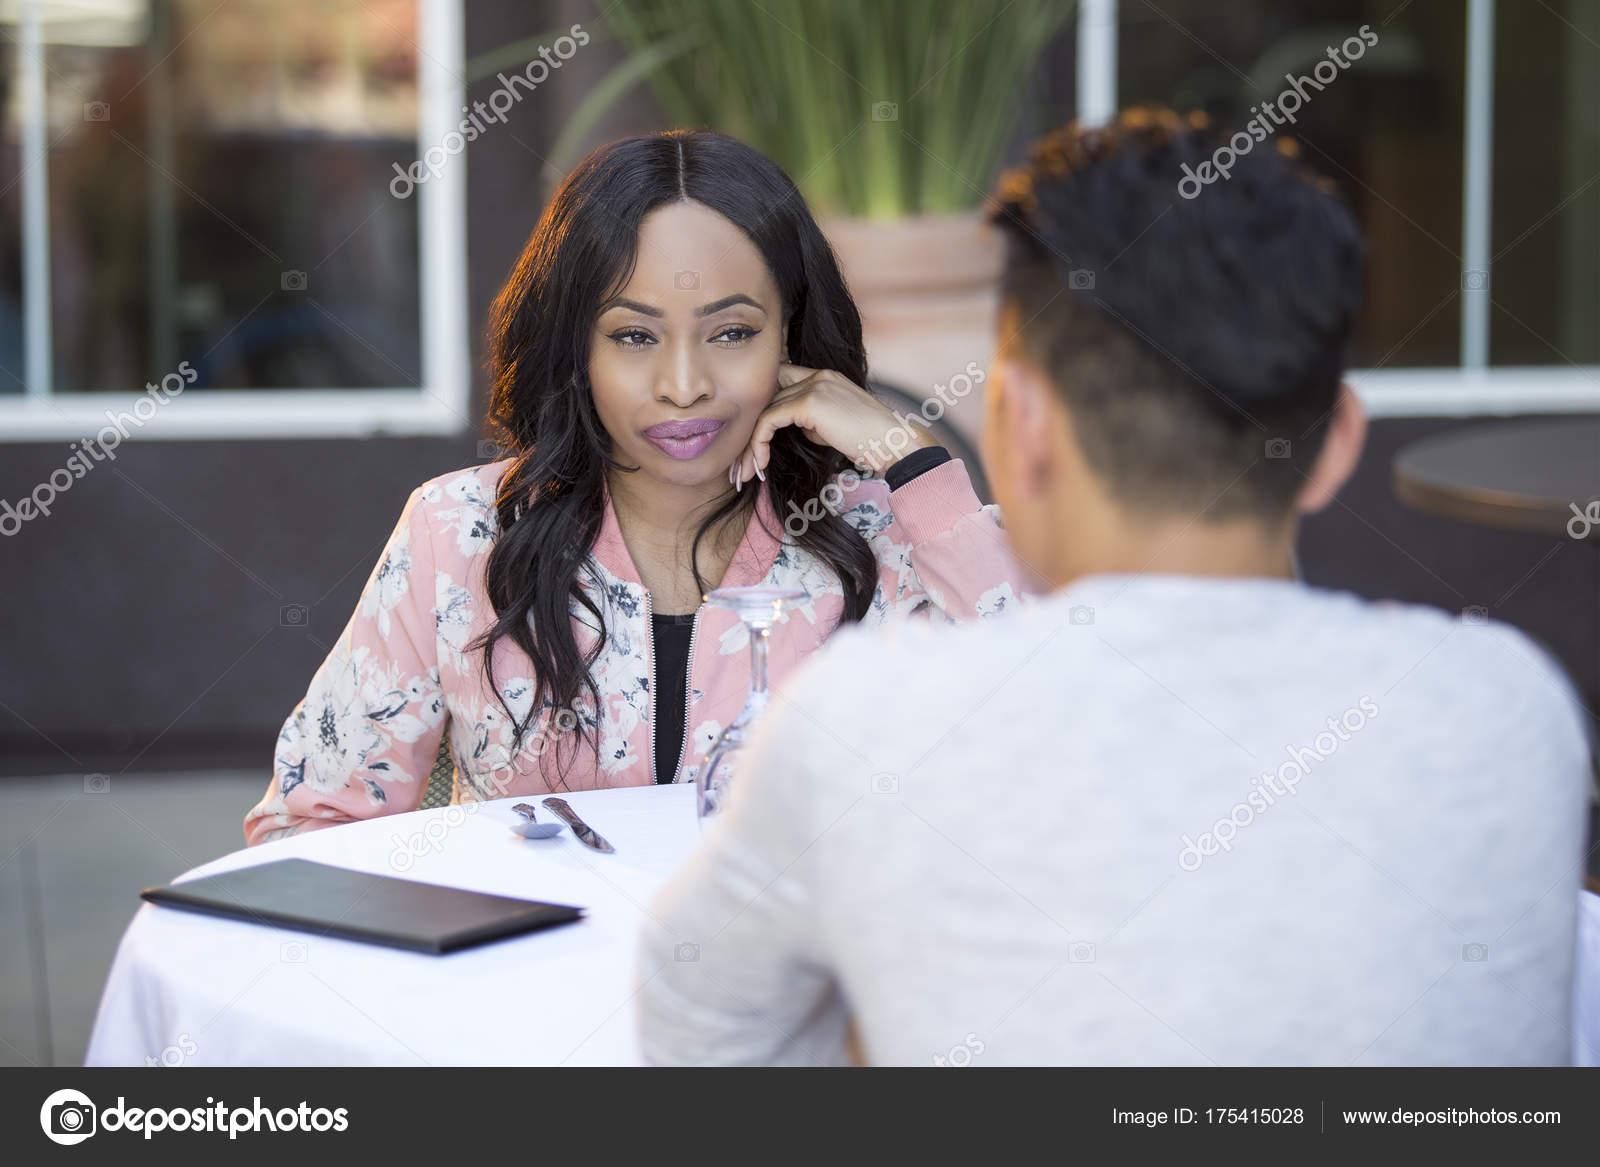 Ραντεβού site για διαφυλετικός dating